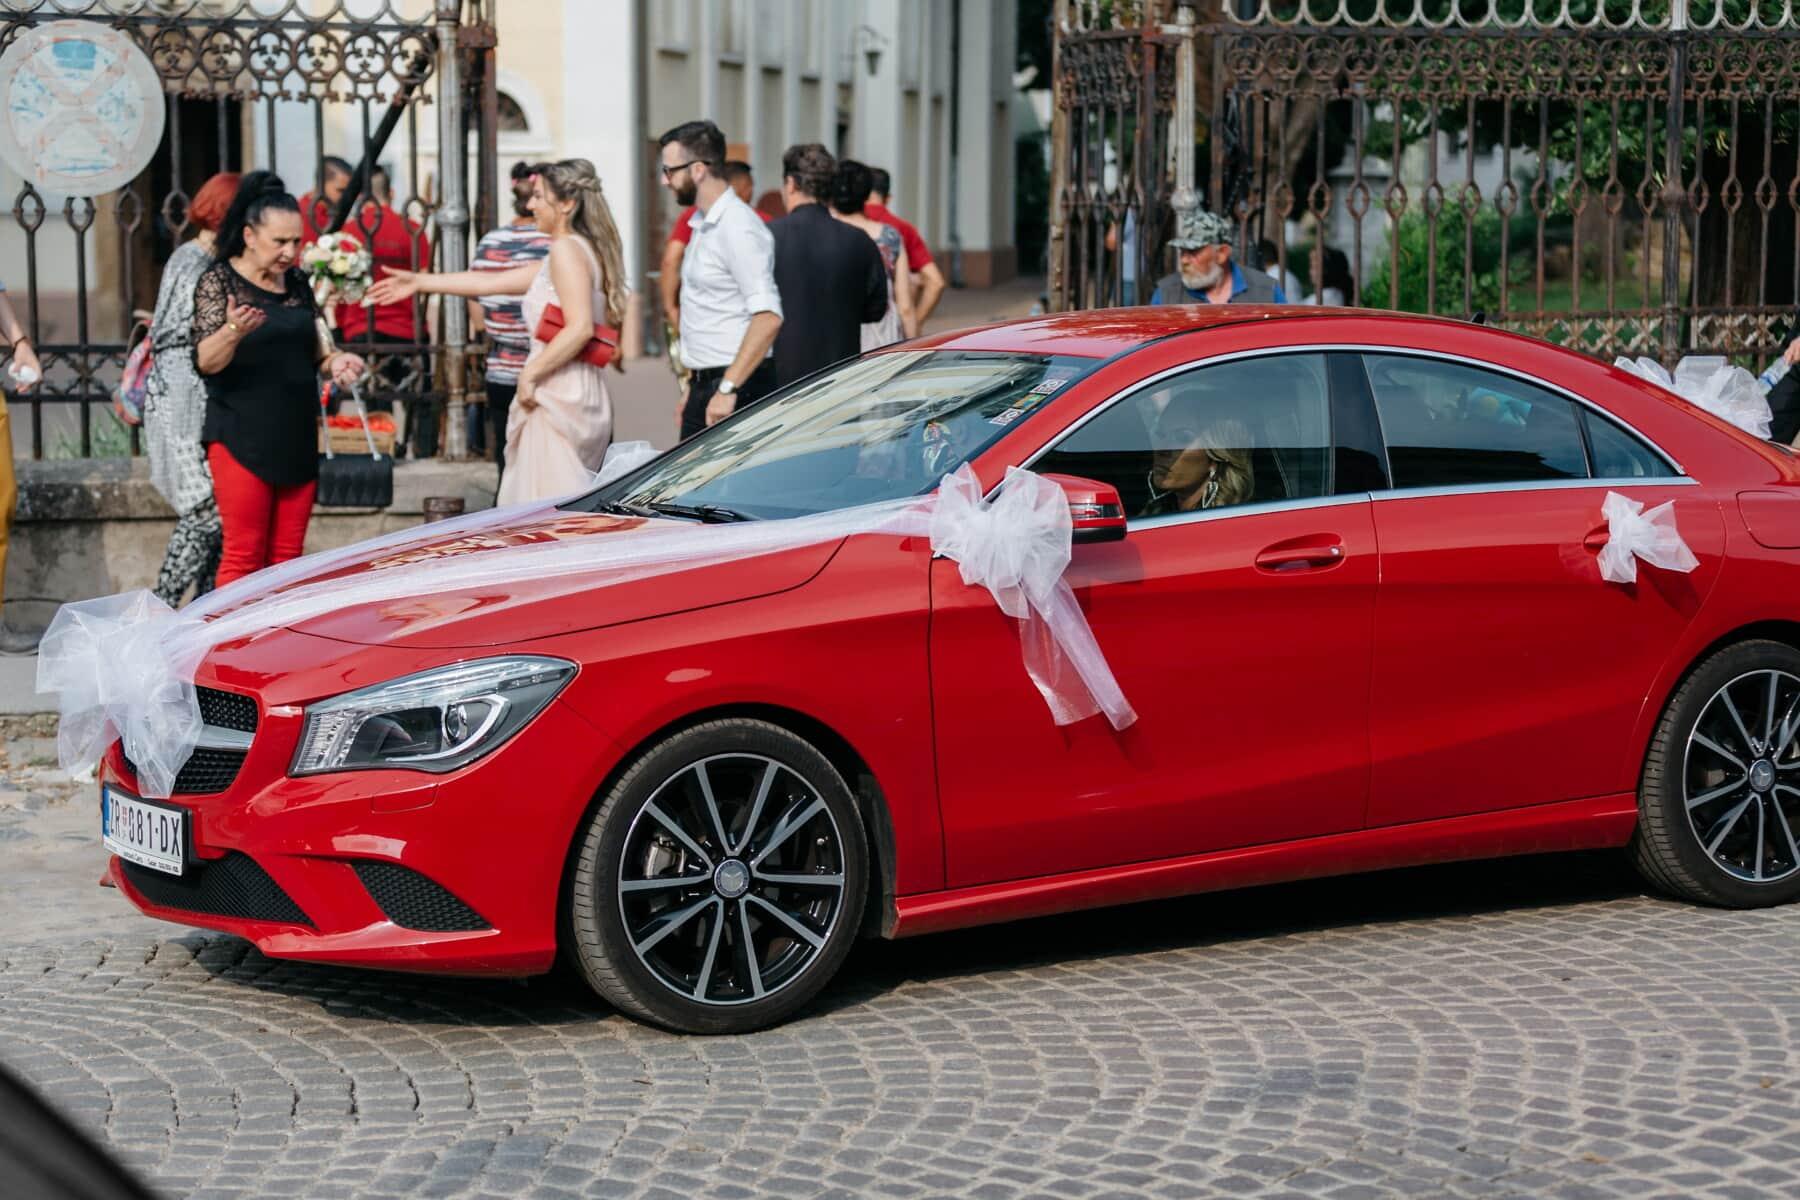 седан, Свадьба, автомобиль, красный, драйвер, невеста, люкс, спортивный автомобиль, автомобиль, транспорт